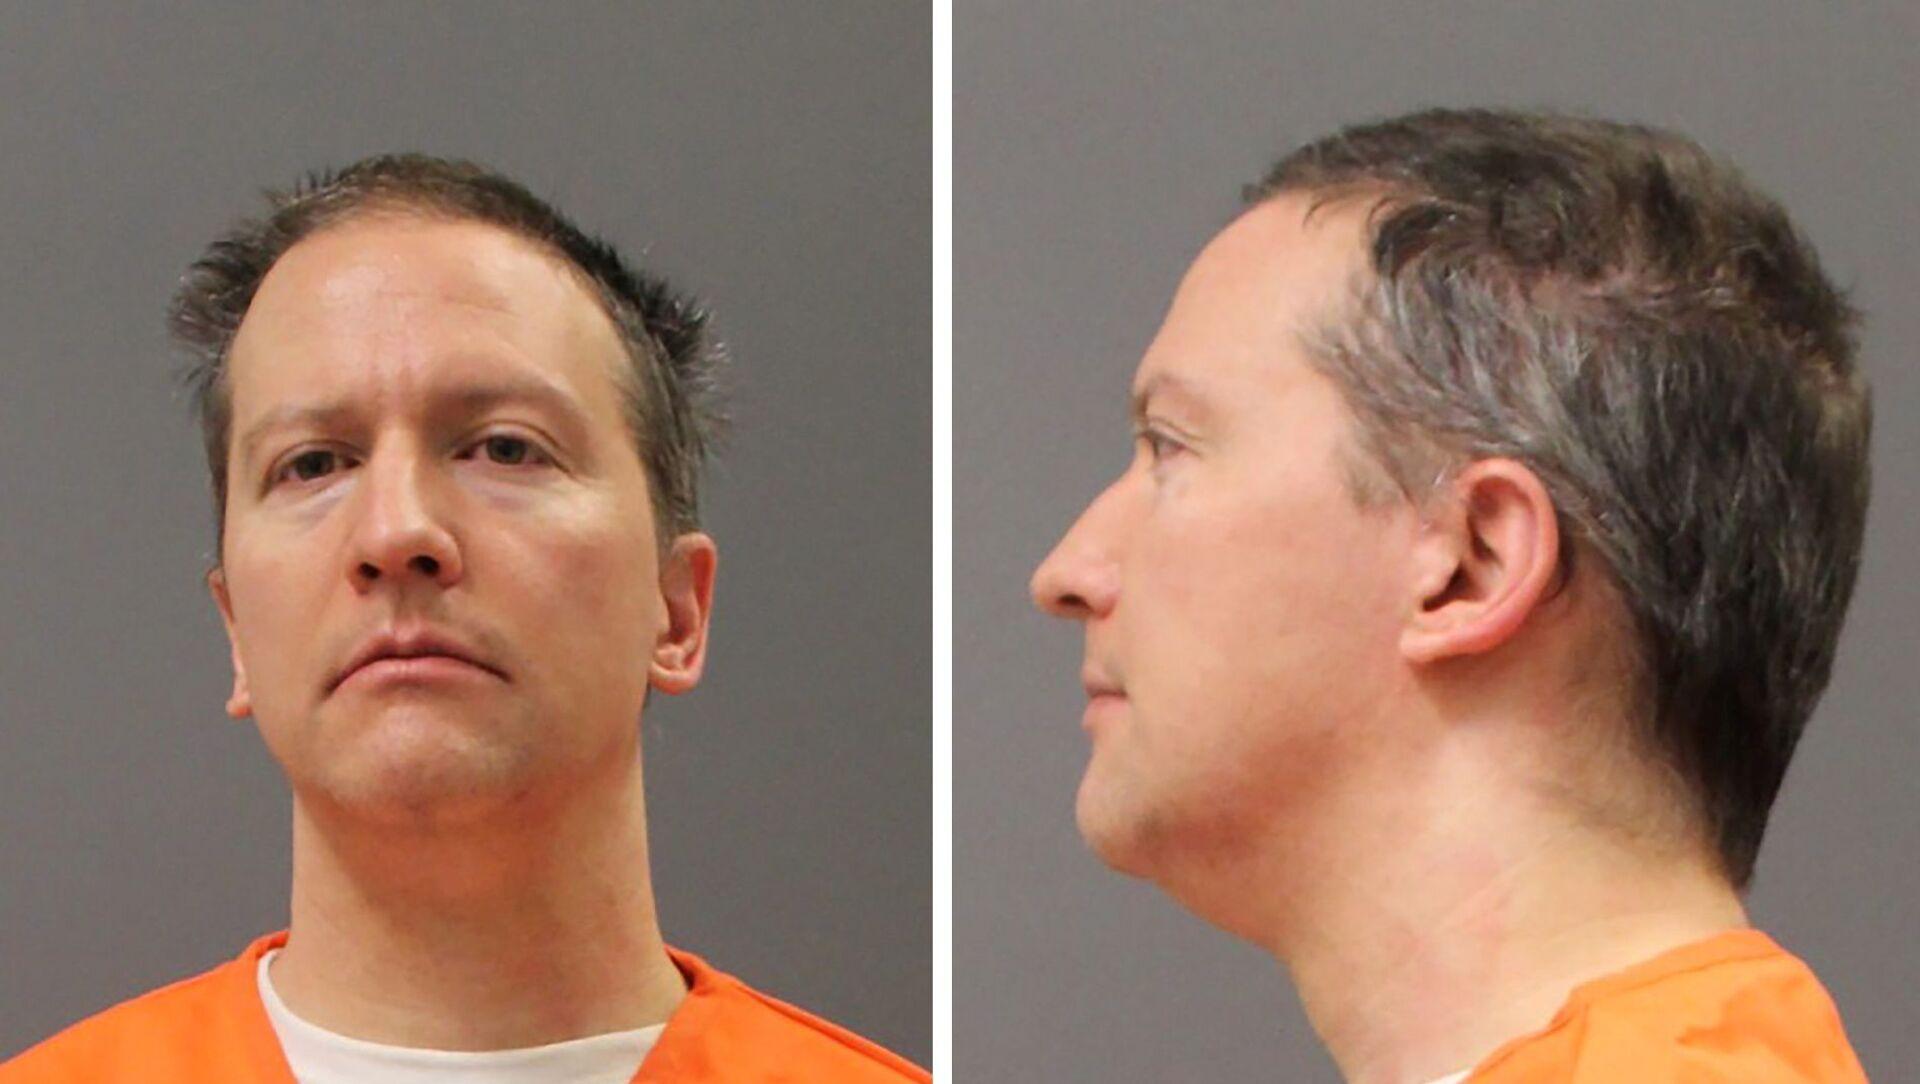 ABD'nin Minnesota eyaletinde görülen davada jüri tarafından siyahi George Floyd'un ölümünden suçlu bulunan eski polis memuru Derek Chauvin - Sputnik Türkiye, 1920, 12.05.2021